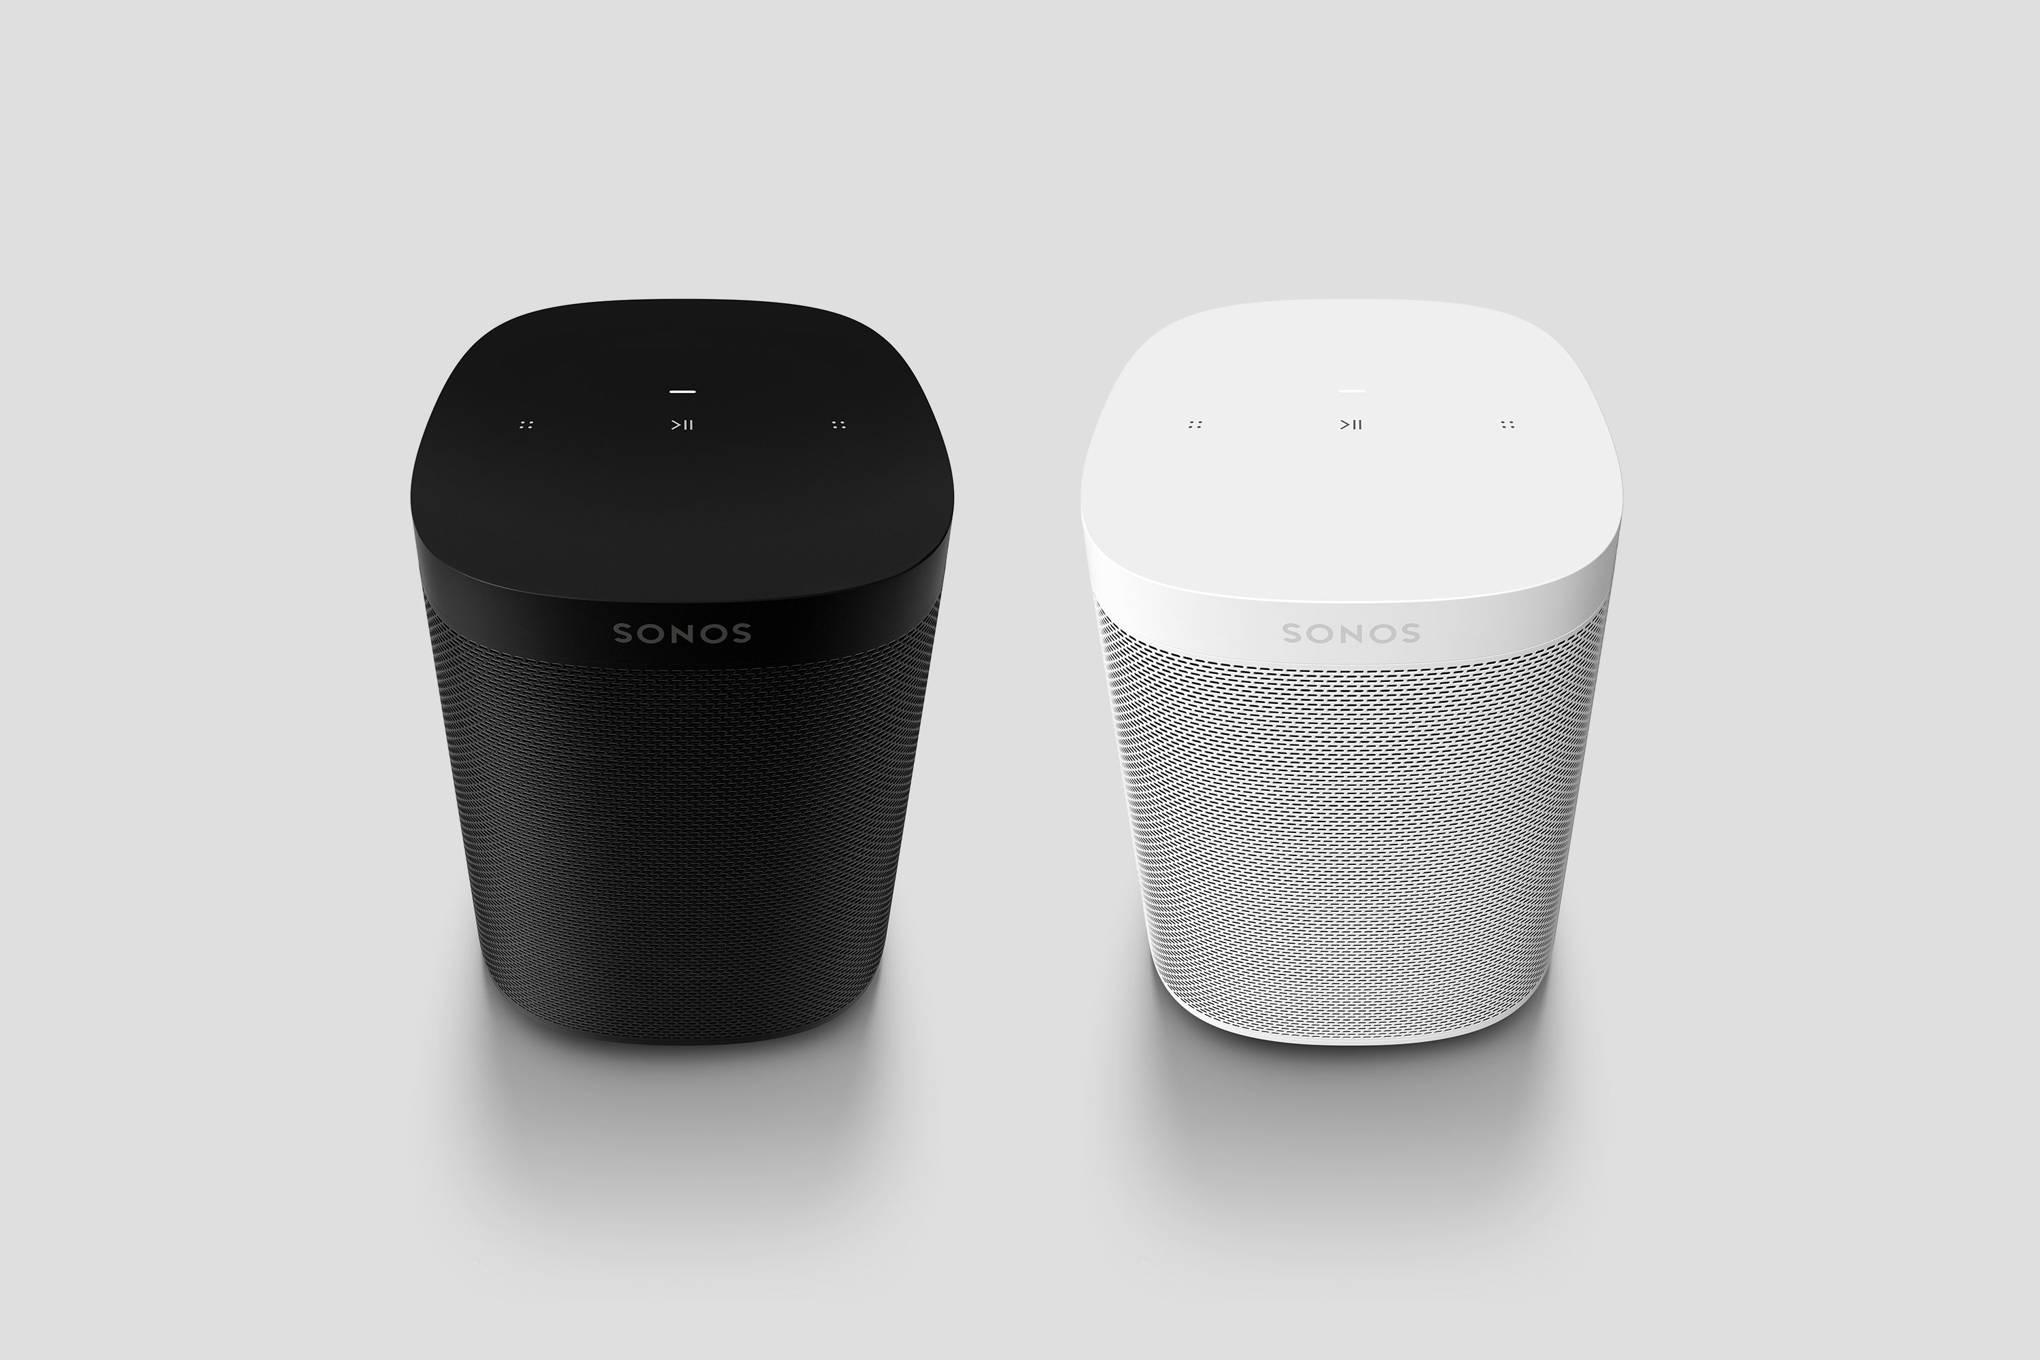 ip of my sonos speaker